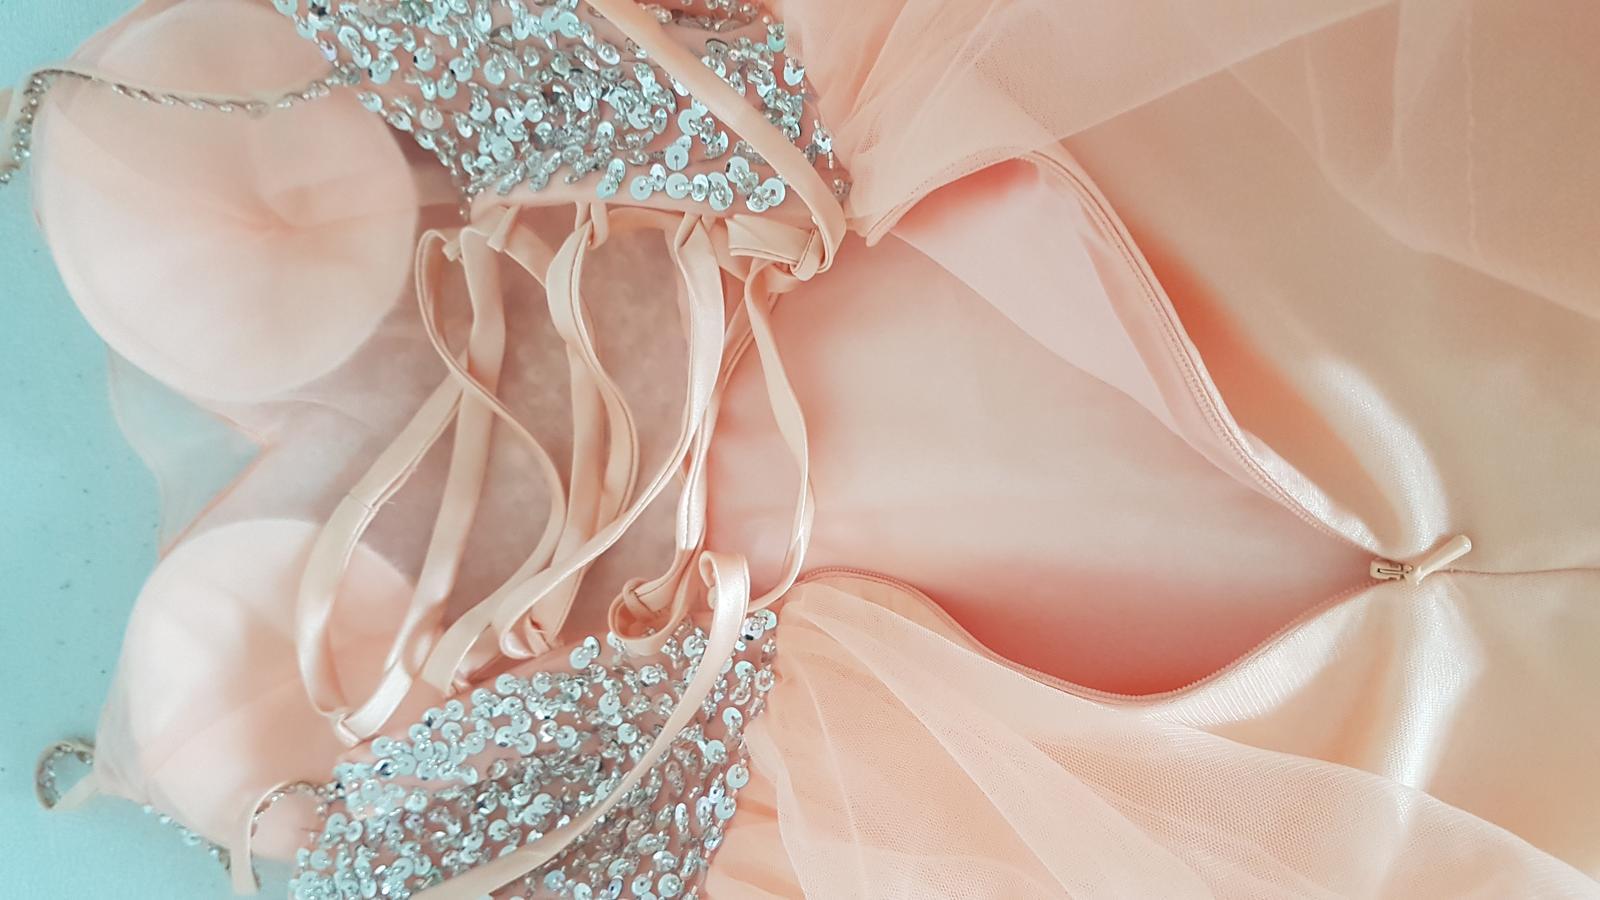 Marhuľové šaty 32-38 tylová sukňa strieborný top - Obrázok č. 2